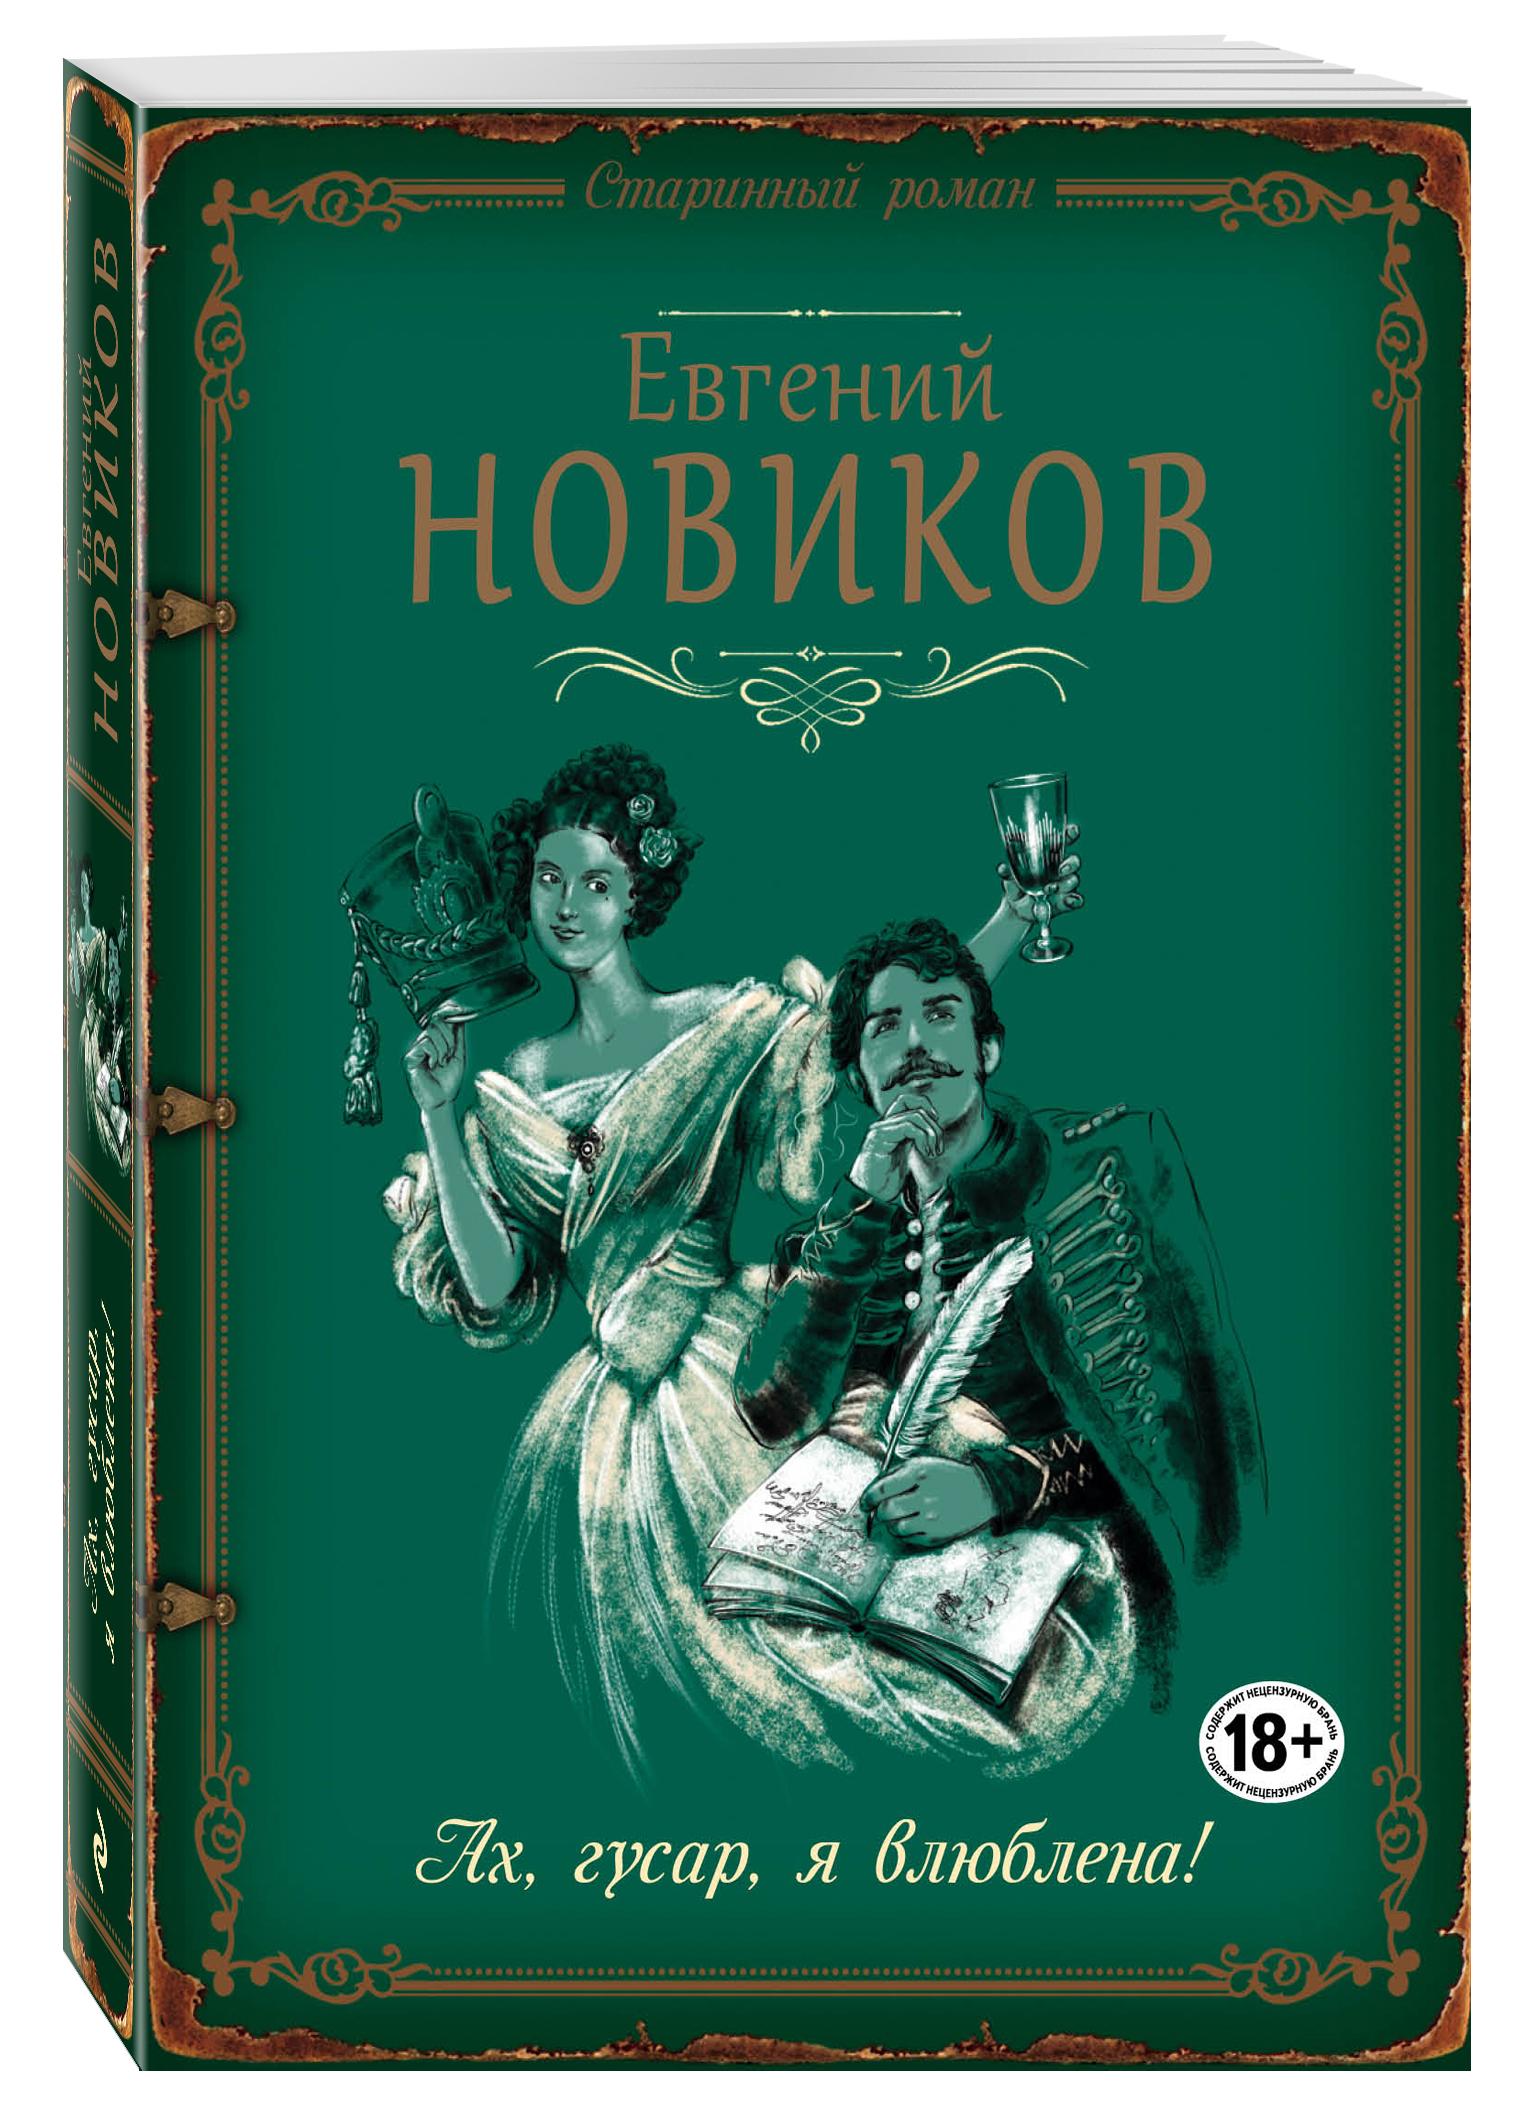 Евгений Новиков Ах, гусар, я влюблена! новиков е ах гусар я влюблена